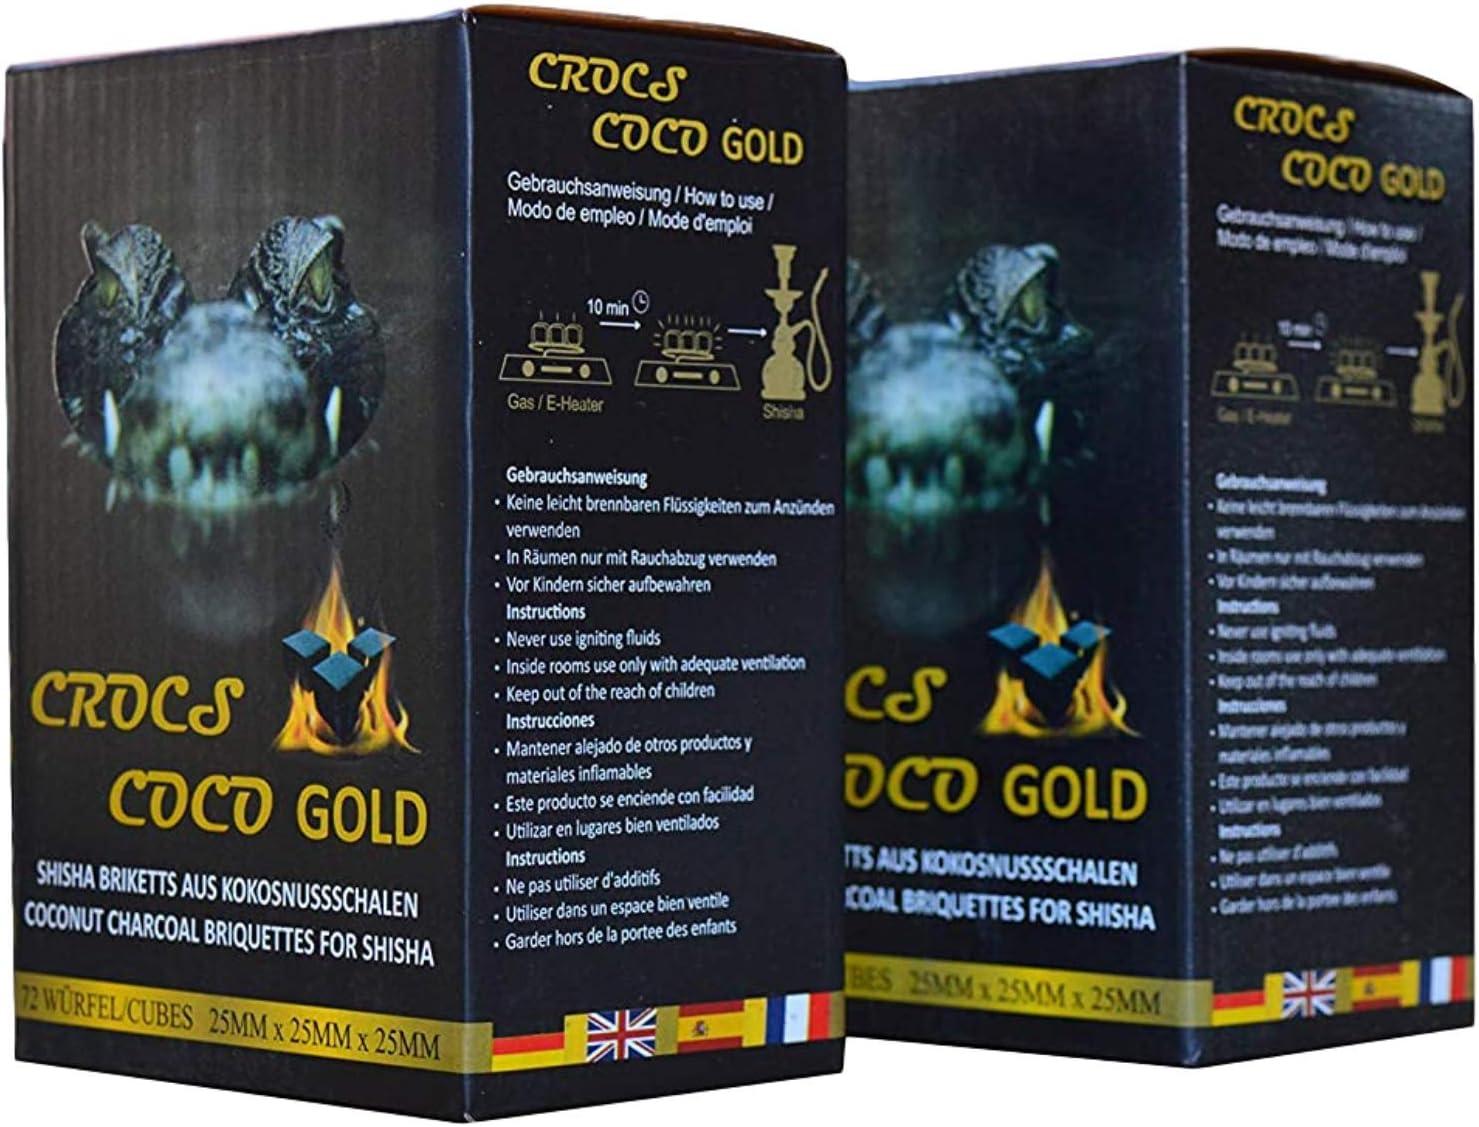 Cross Coco Gold I carbón para shisha I carbón de coco con larga duración I pocas cenizas I baja generación de humo I carbón natural sostenible I Cubo de shisha con calidad premium I 2 kg